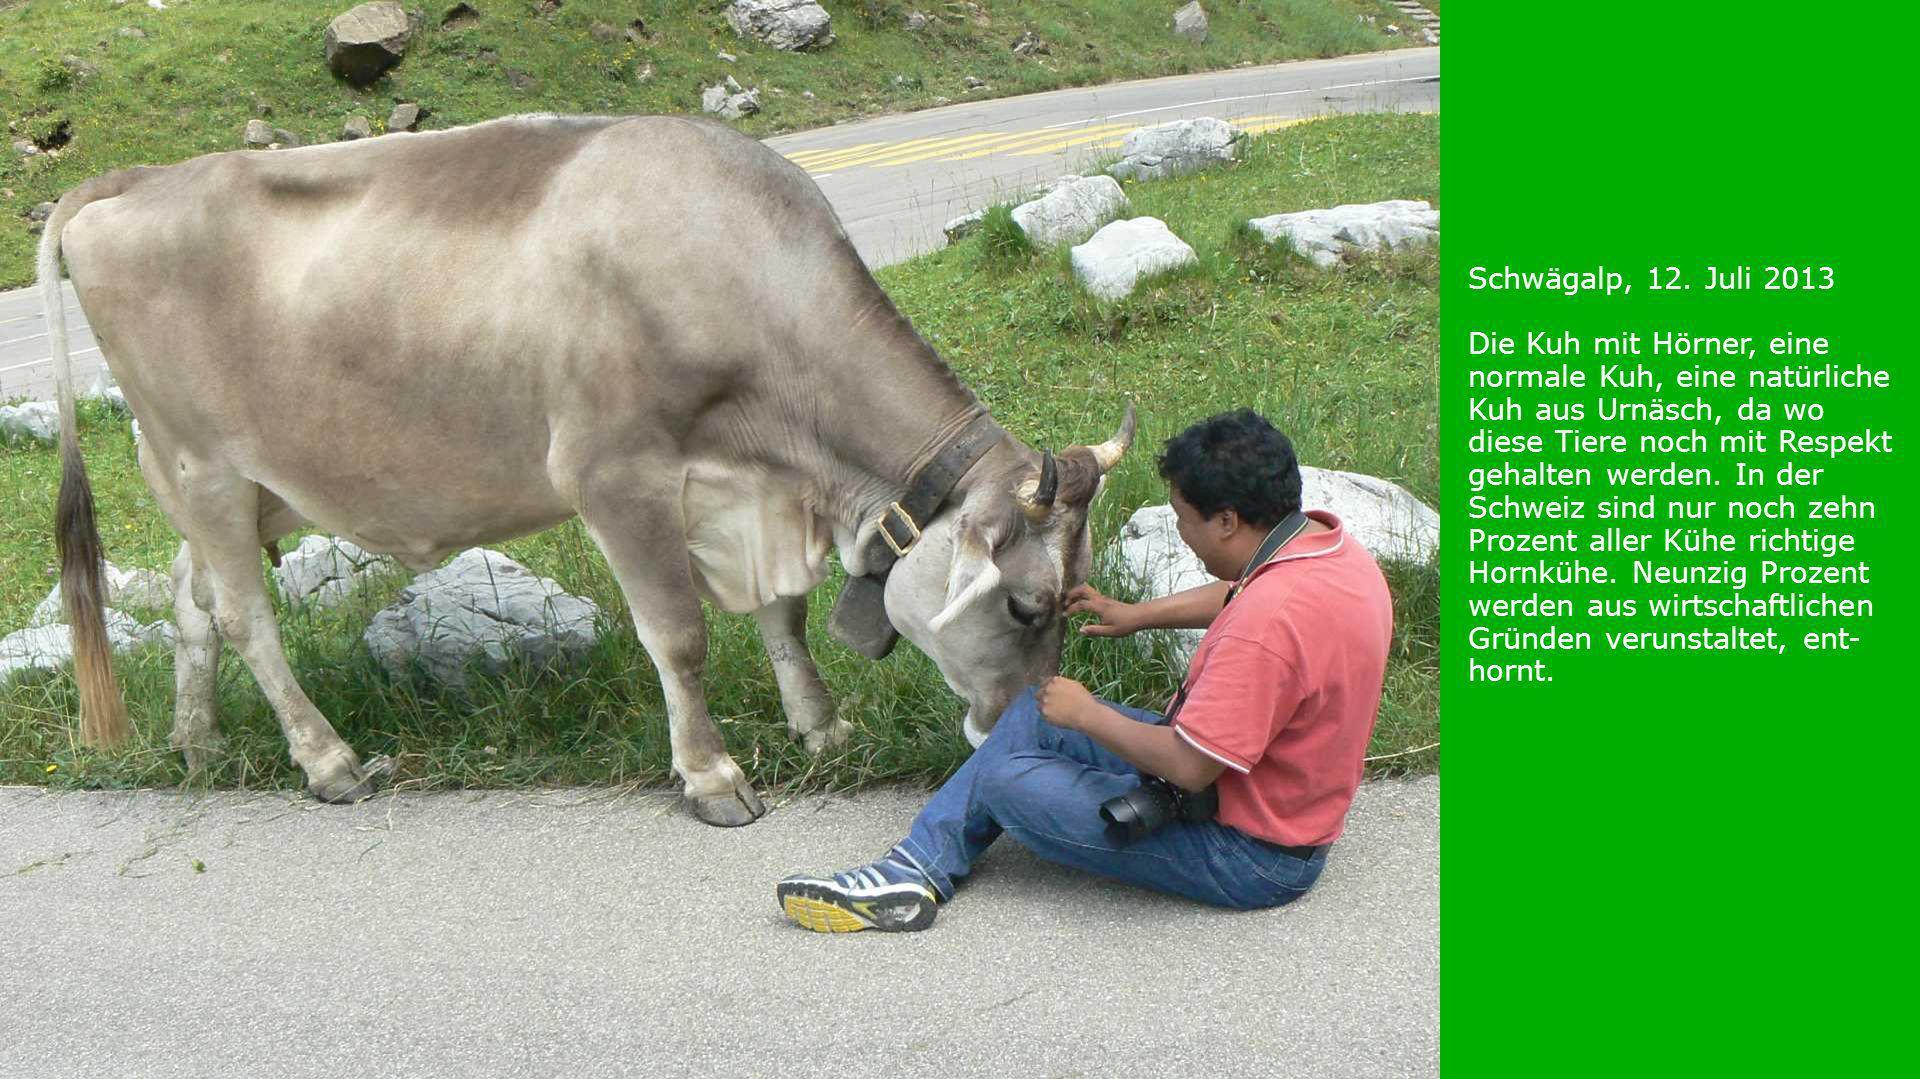 Schwägalp, 12. Juli 2013 Die Kuh mit Hörner, eine normale Kuh, eine natürliche Kuh aus Urnäsch, da wo diese Tiere noch mit Respekt gehalten werden. In